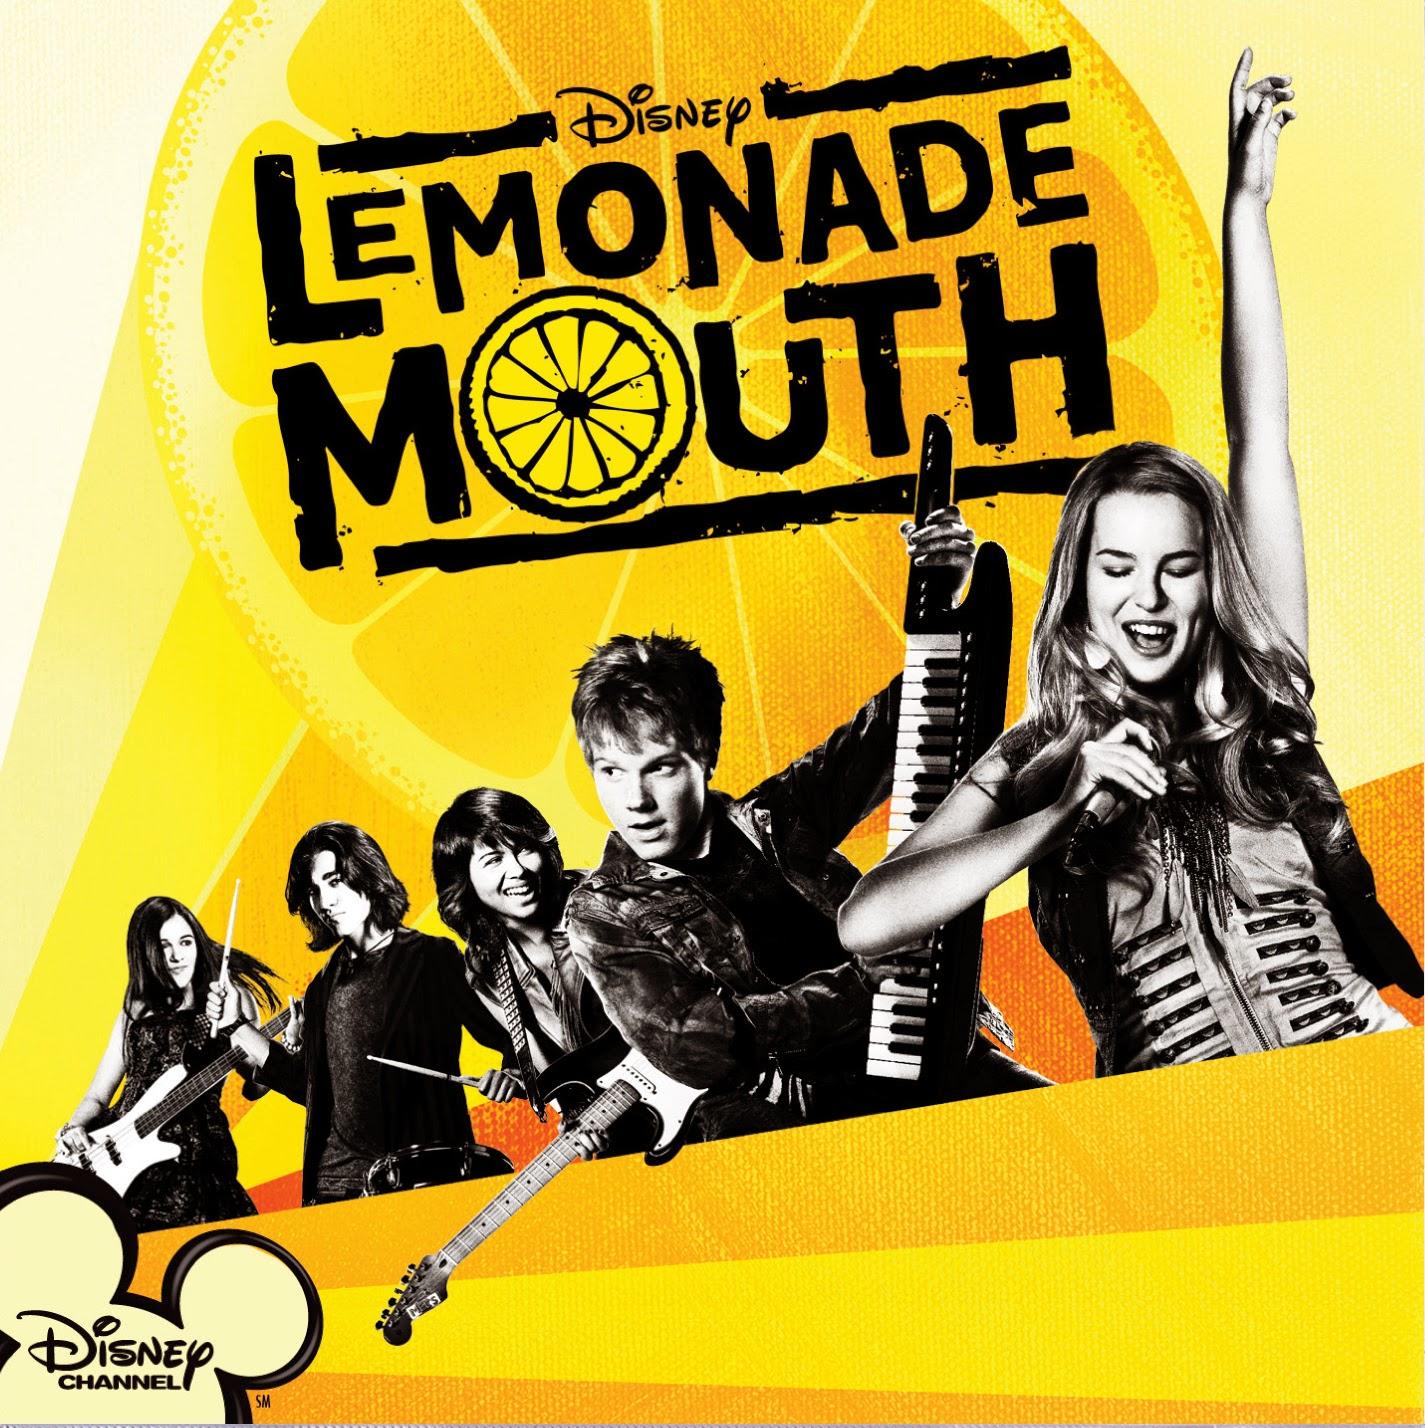 Capa Lemonade Mouth Uma Banda Diferente (2011) Torrent 720p 1080p 4k Dublado Baixar